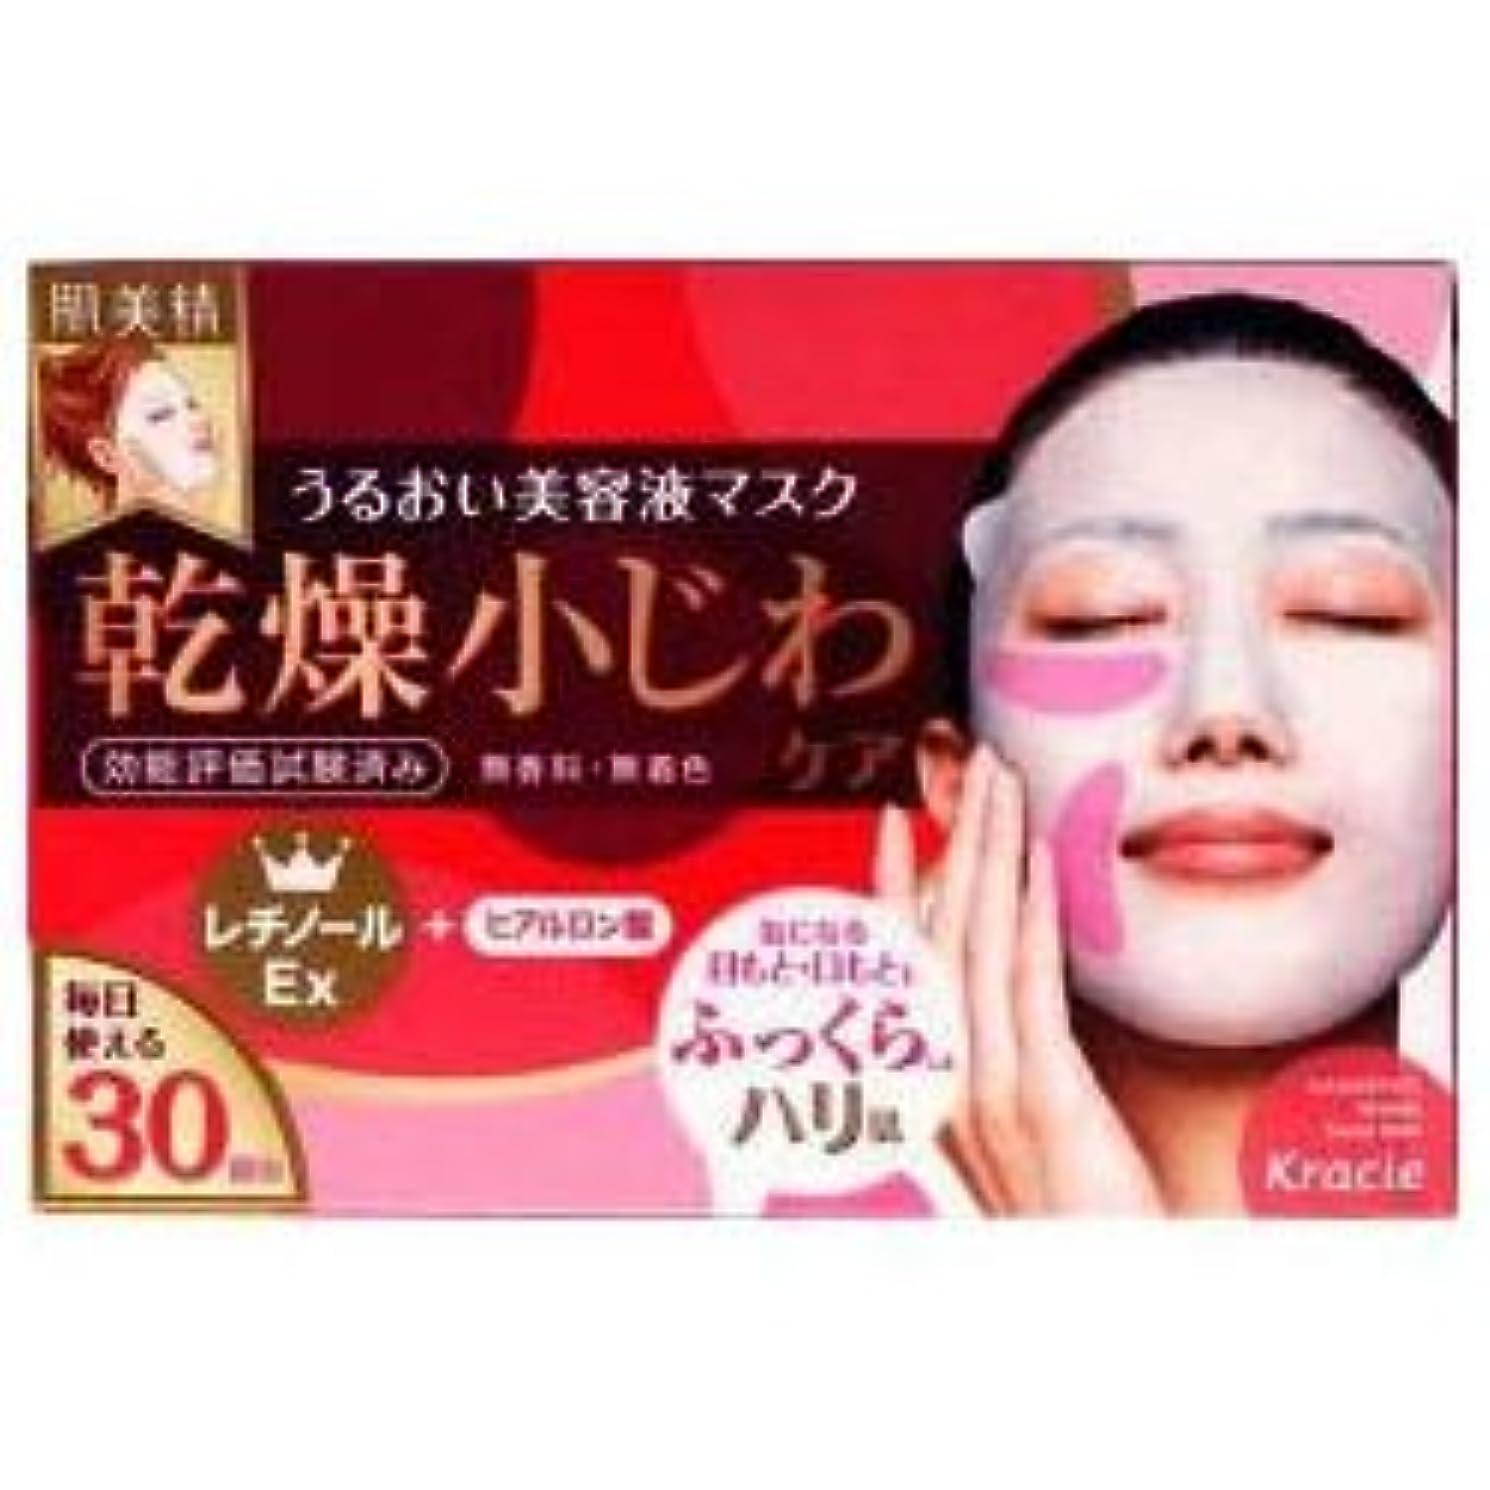 ごちそううまくやる()クアッガ【クラシエ】肌美精 デイリーリンクルケア美容液マスク 30枚 ×10個セット